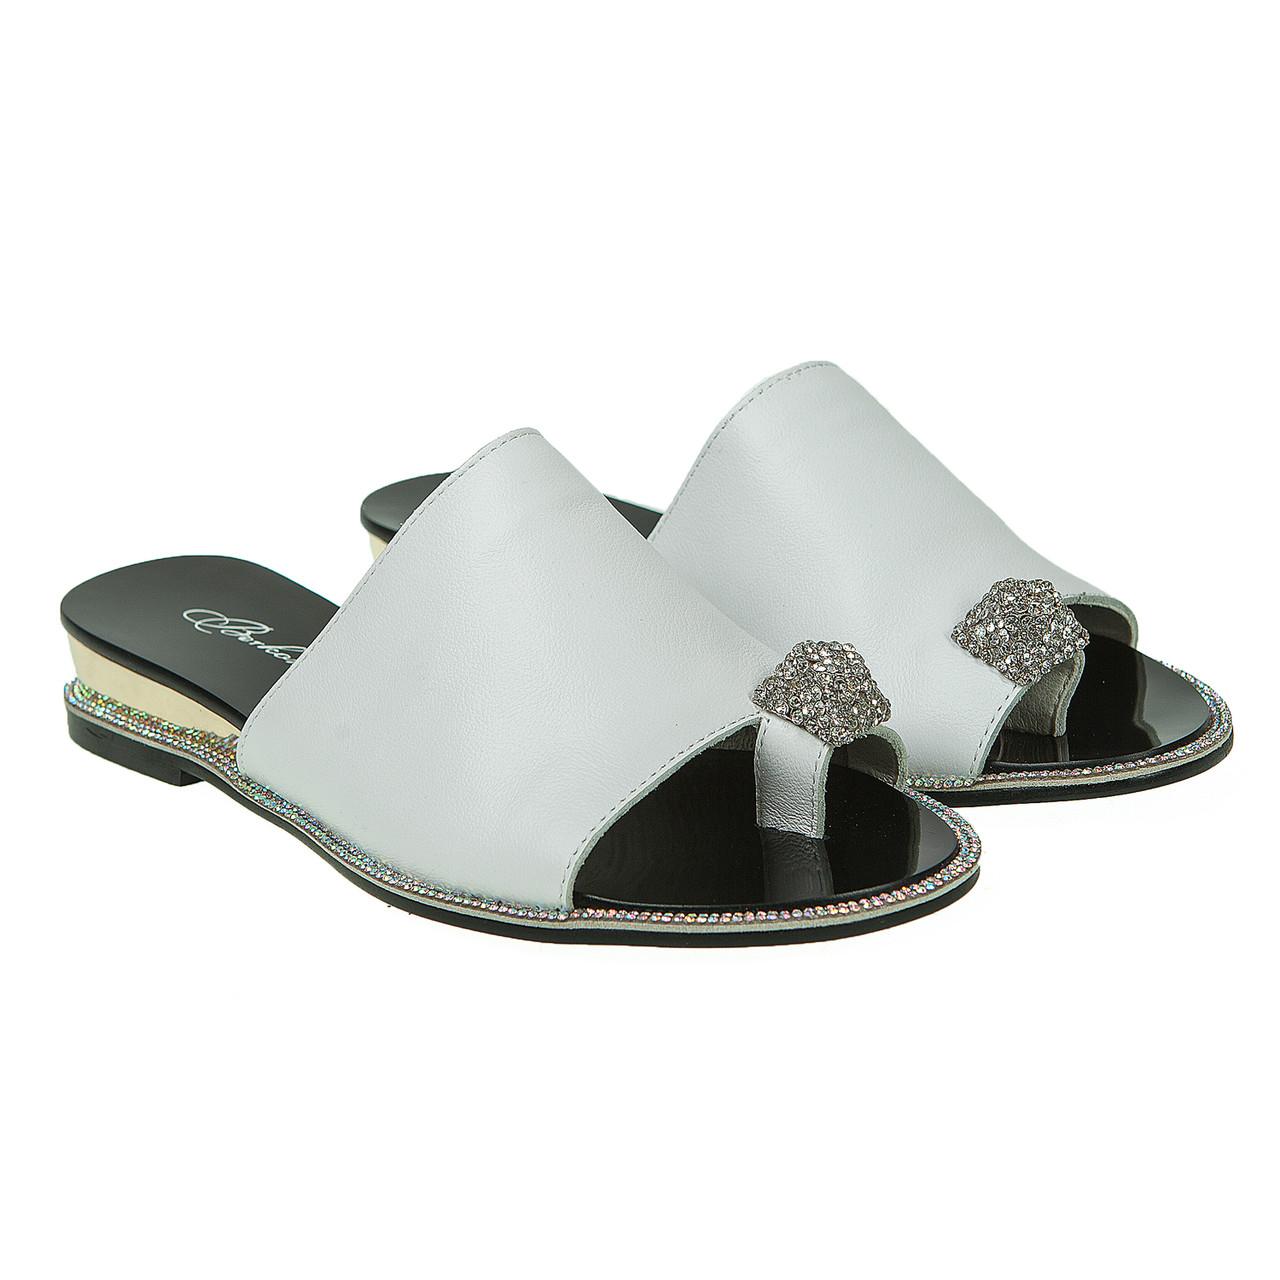 5a308fb70 Купить Шлёпанцы женские Berkonty (модные, белые, кожаные, удобные ...